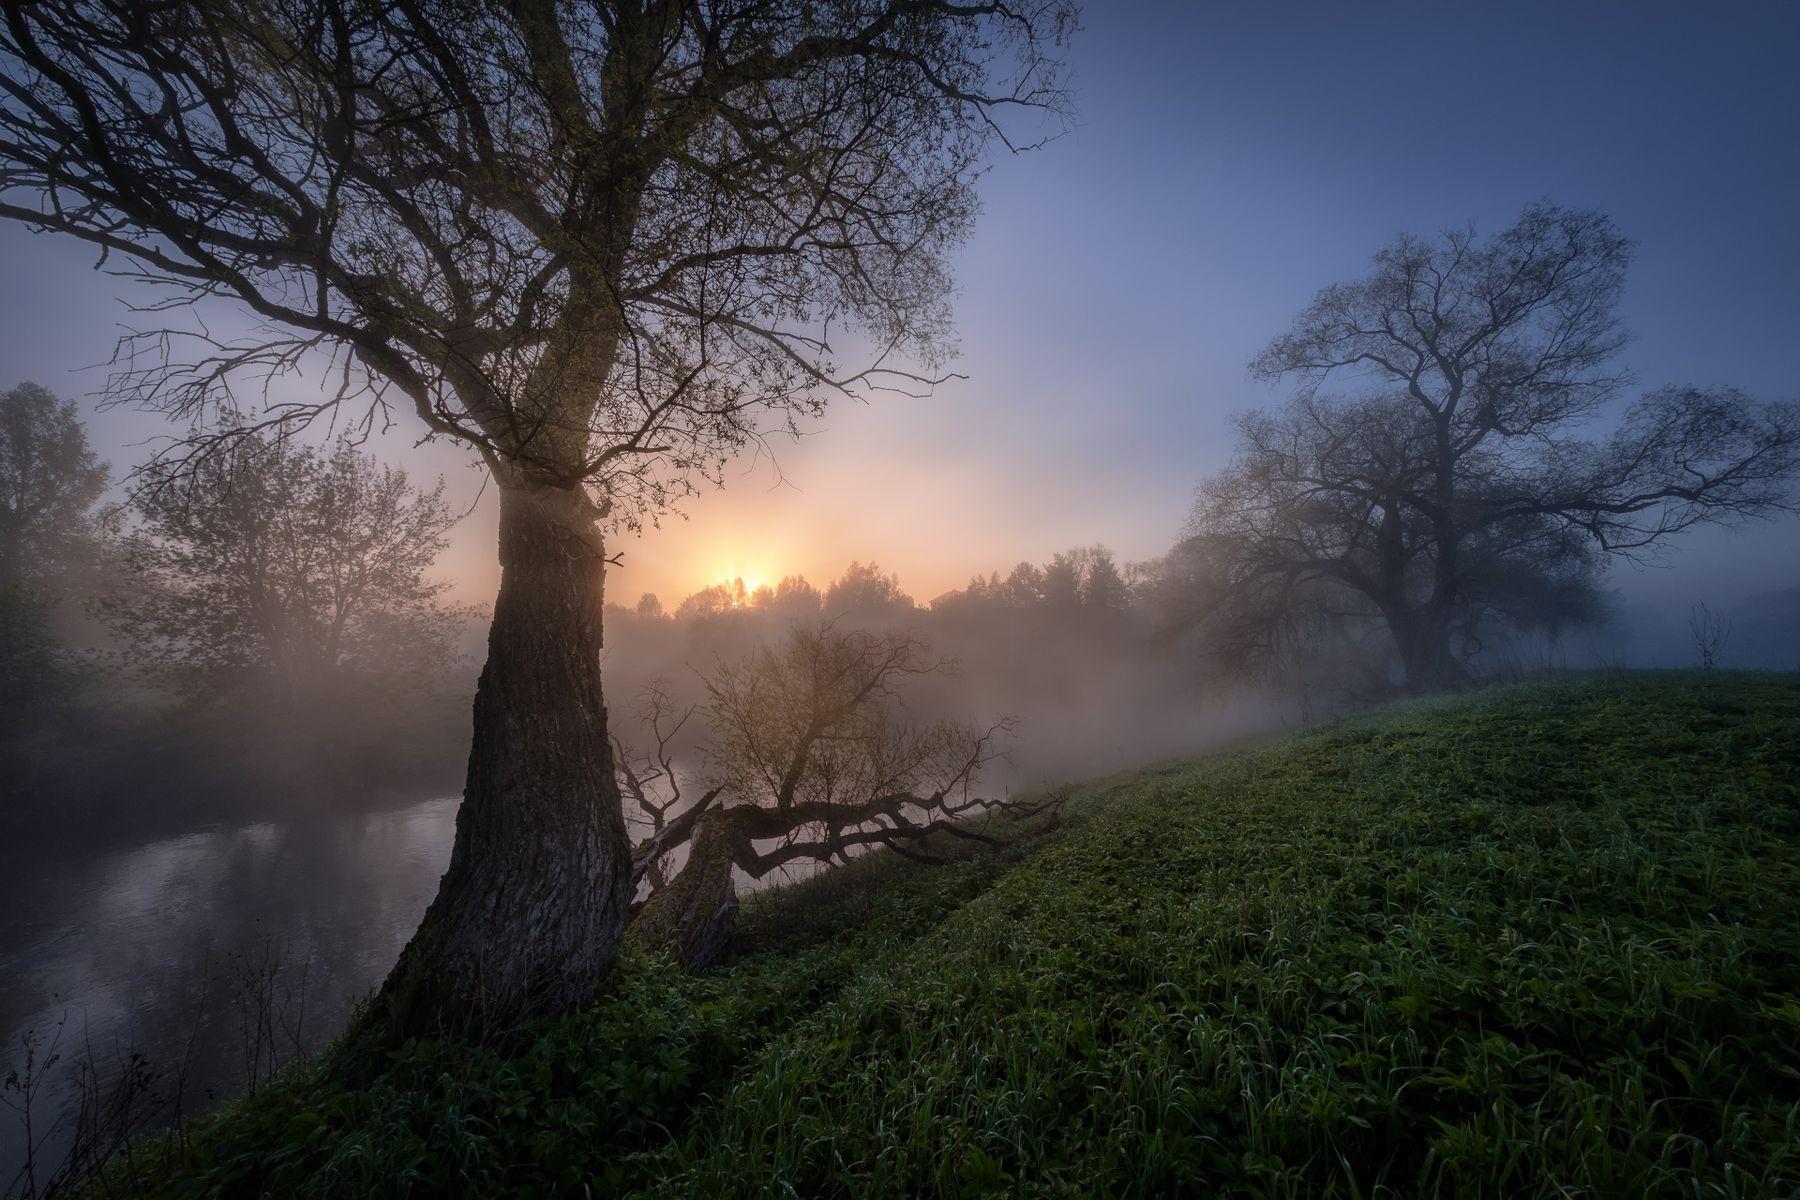 Наедине с великанами истра река пейзаж рассвет туман небо деревья утро тишина